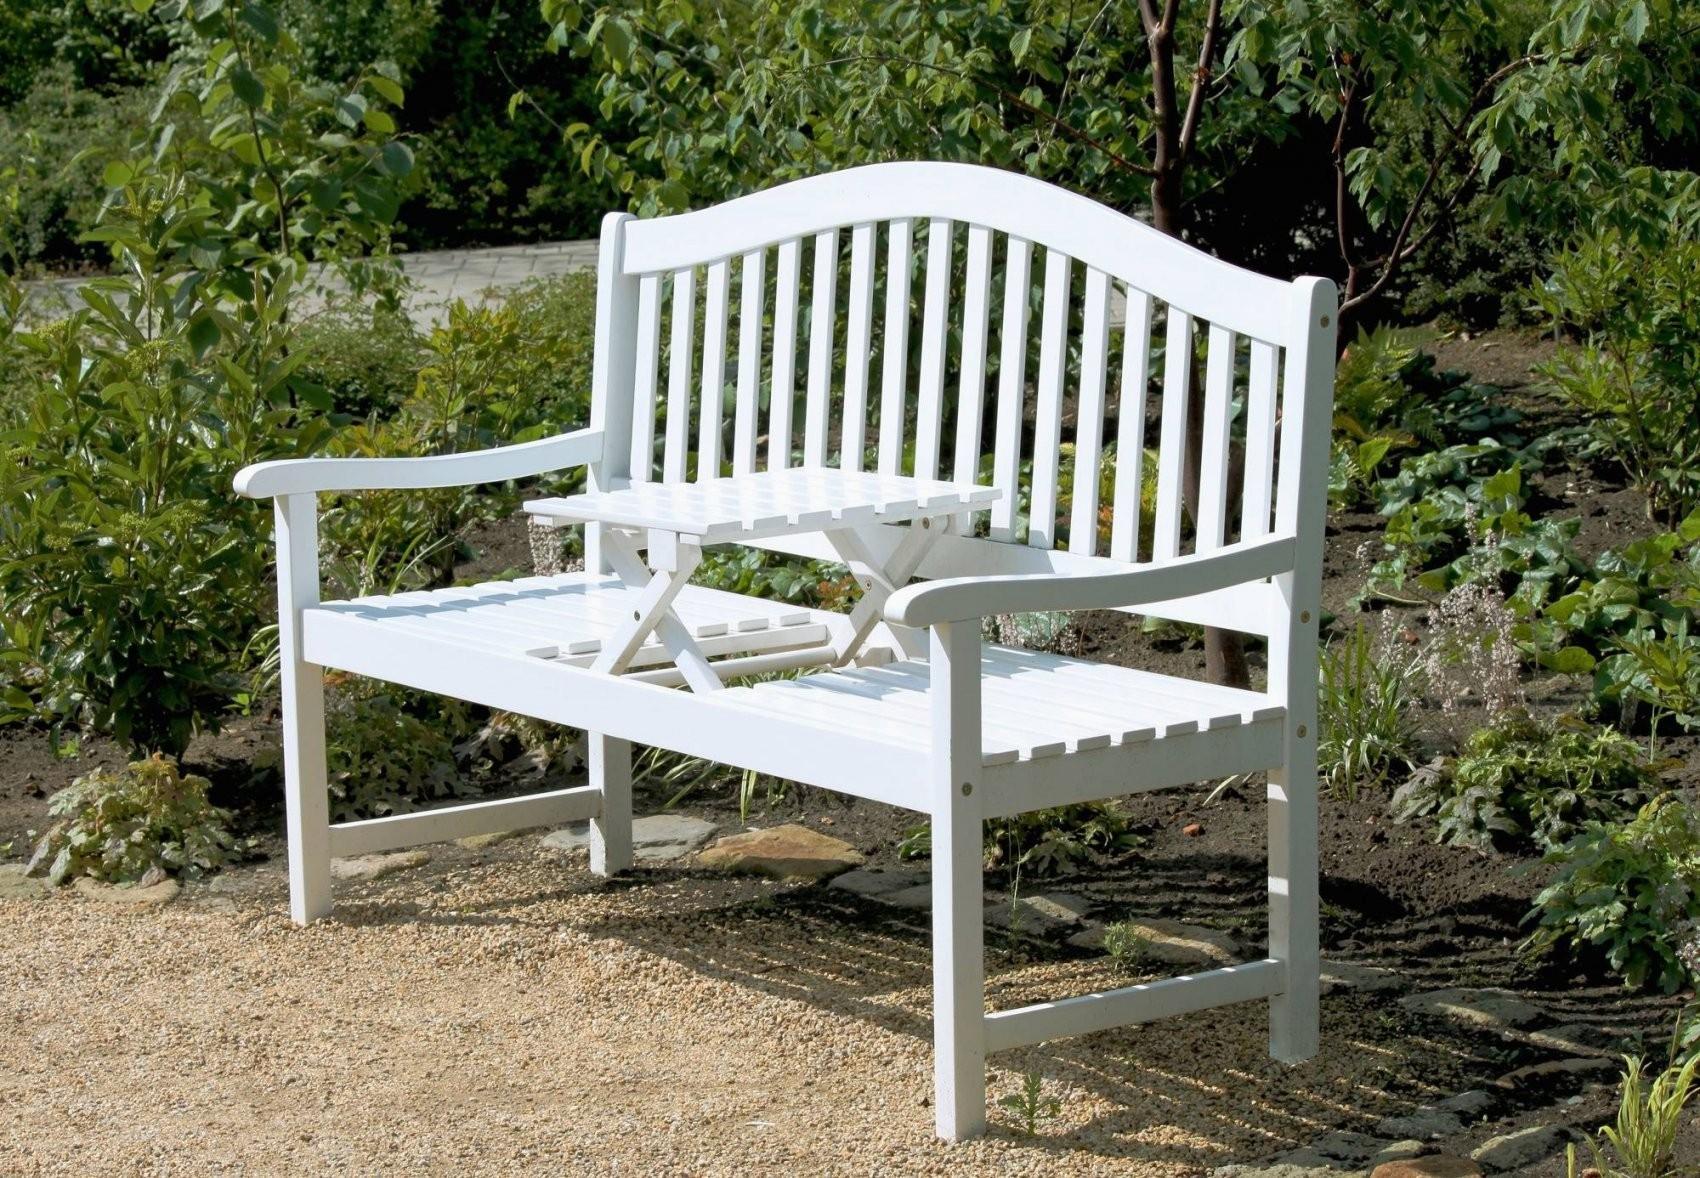 Gartenbank Klappbar Eindeutig 2 Sitzer Gartenbank Cheap Kettler Alu von Gartenbank Klappbar Weiß Bild